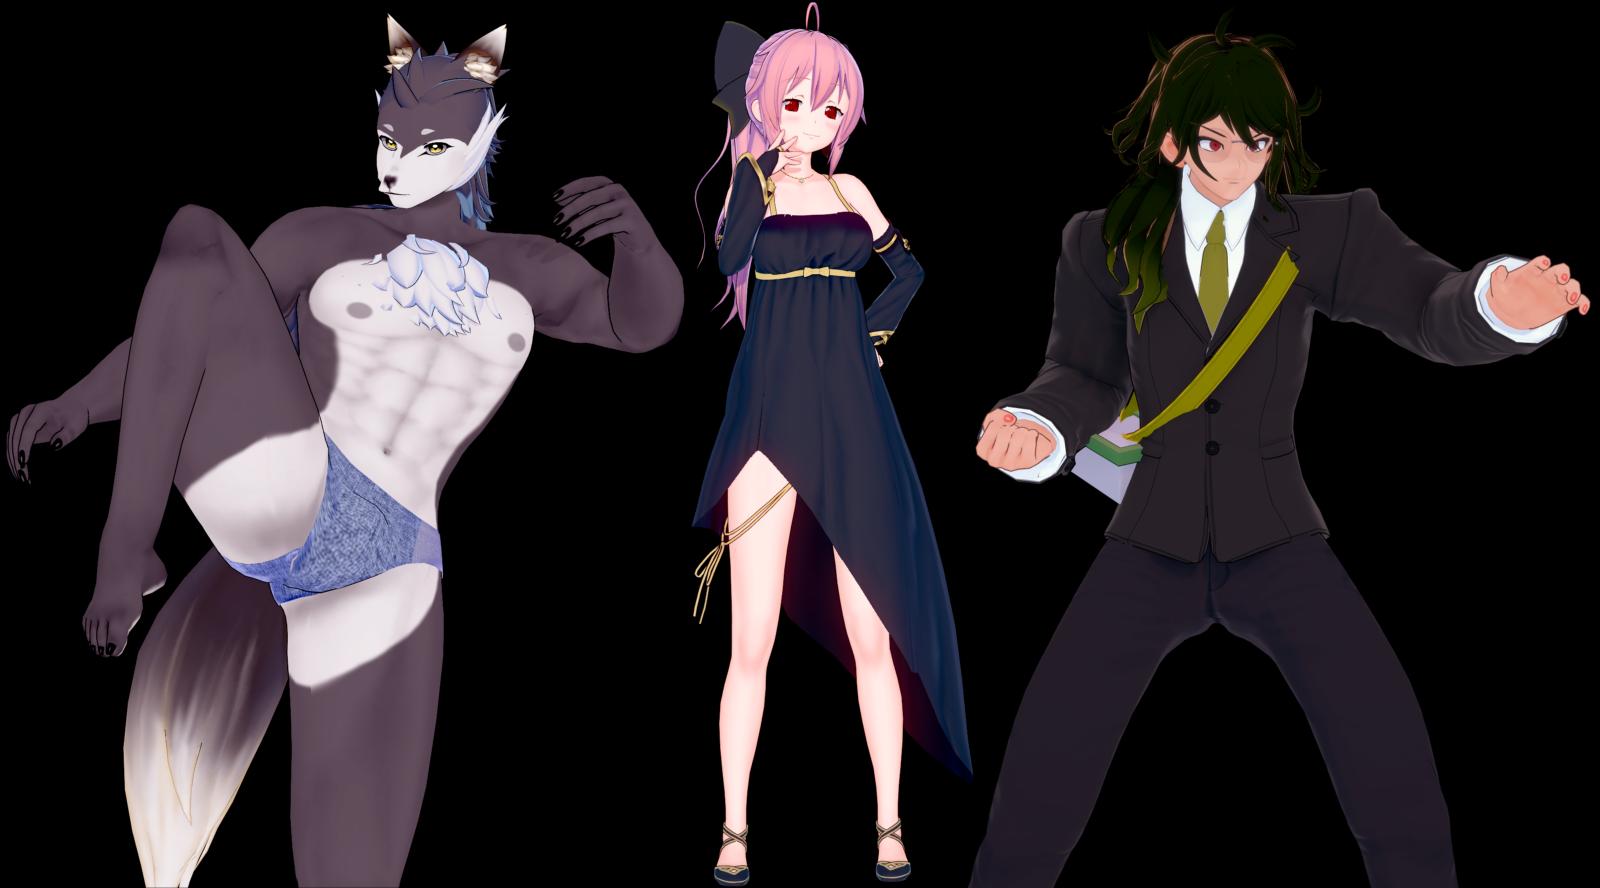 GitHub - ManlyMarco/KKABMX: Koikatsu! mod that adds more character